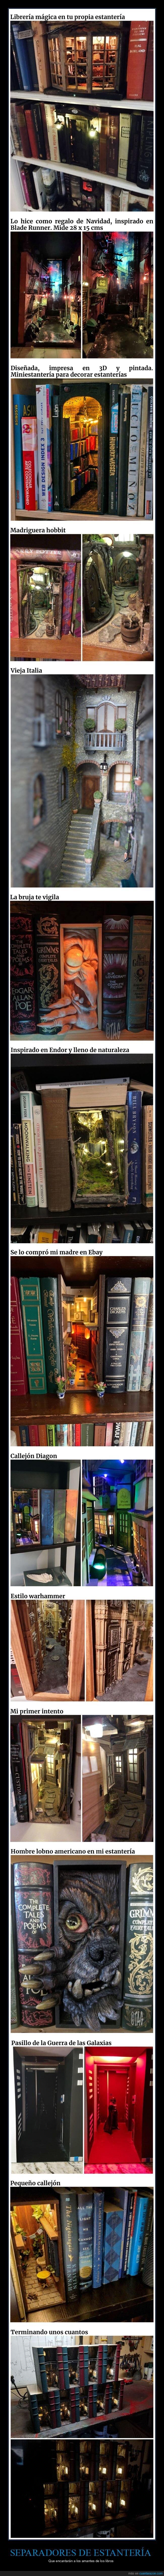 estantería,libros,separadores